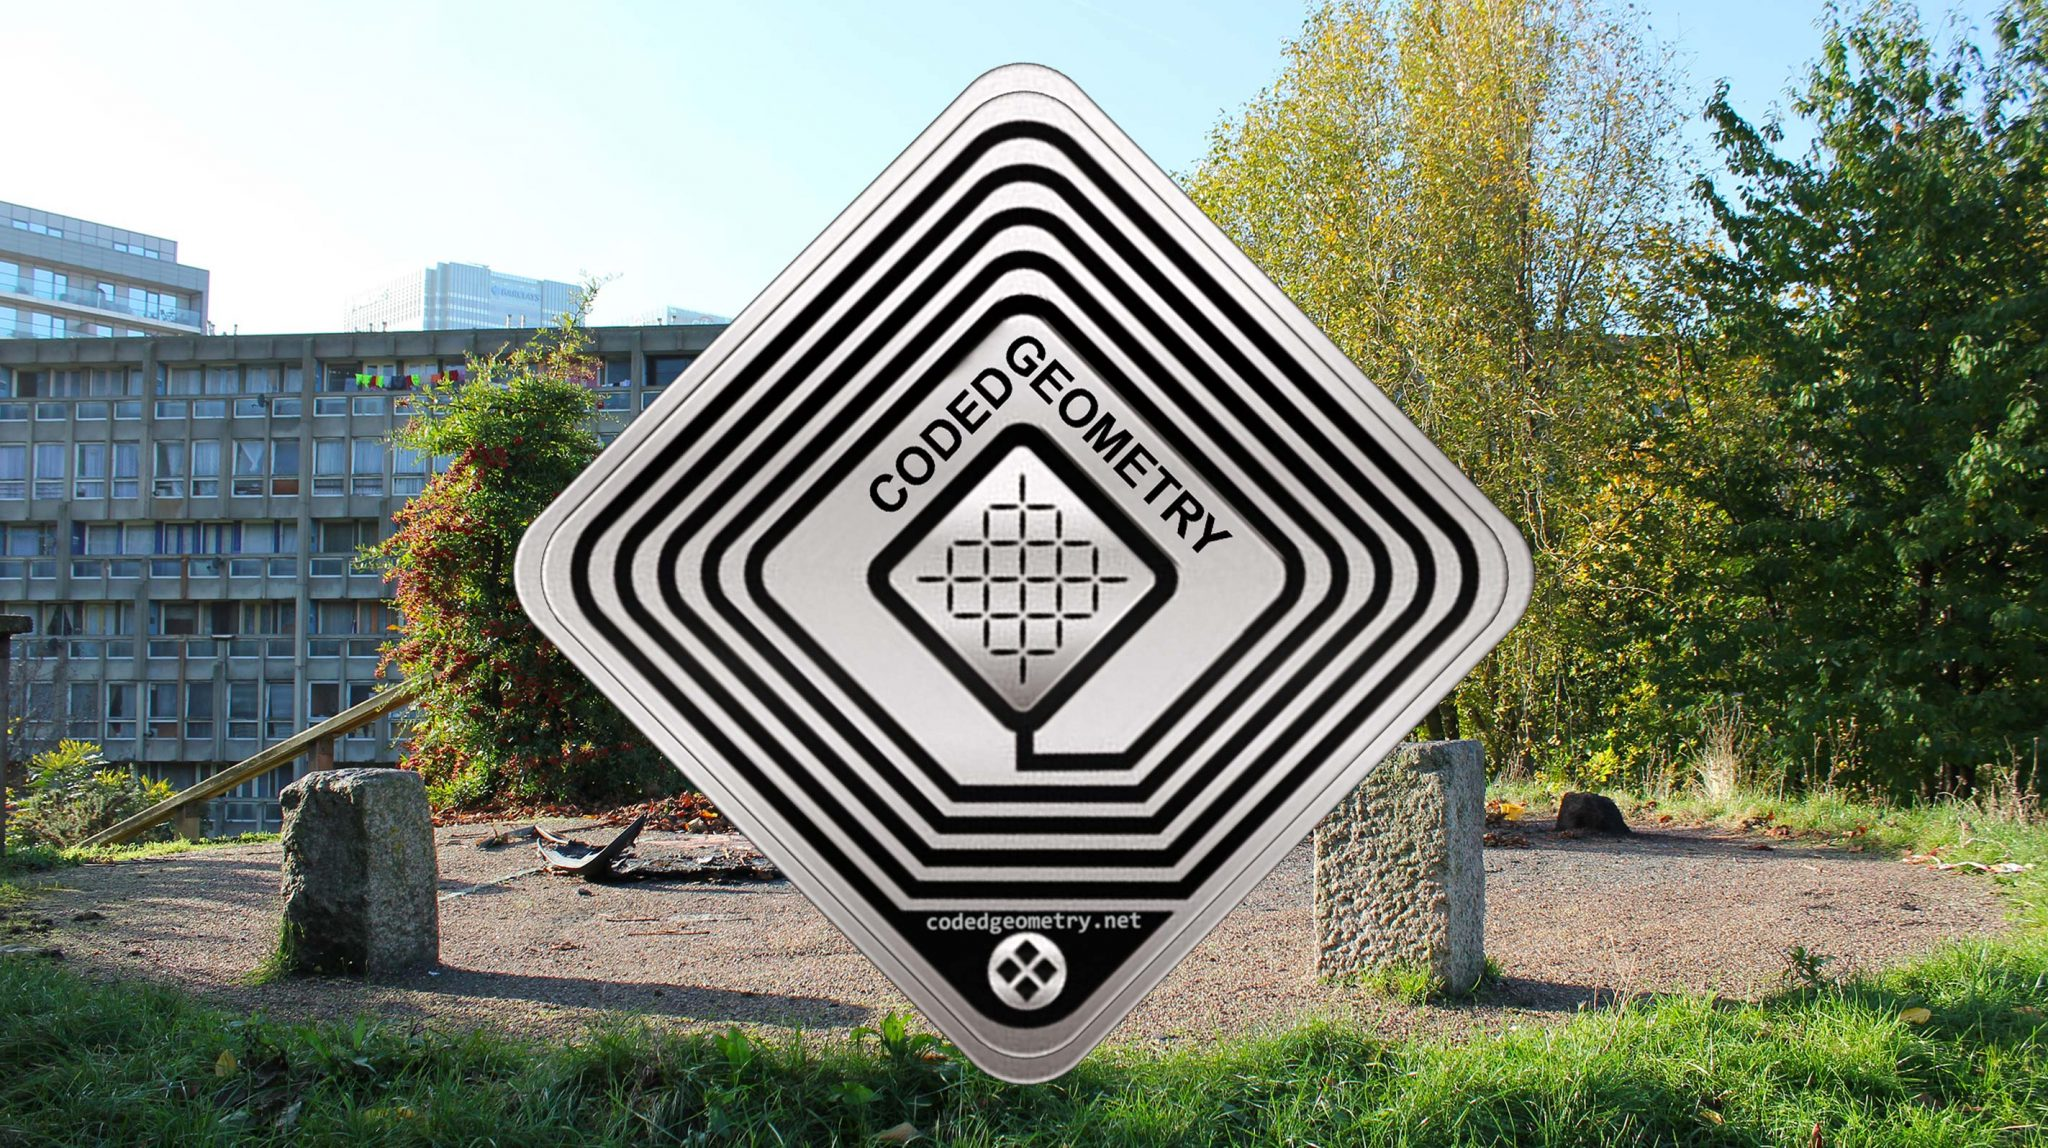 Coded Geometry by artist John wild